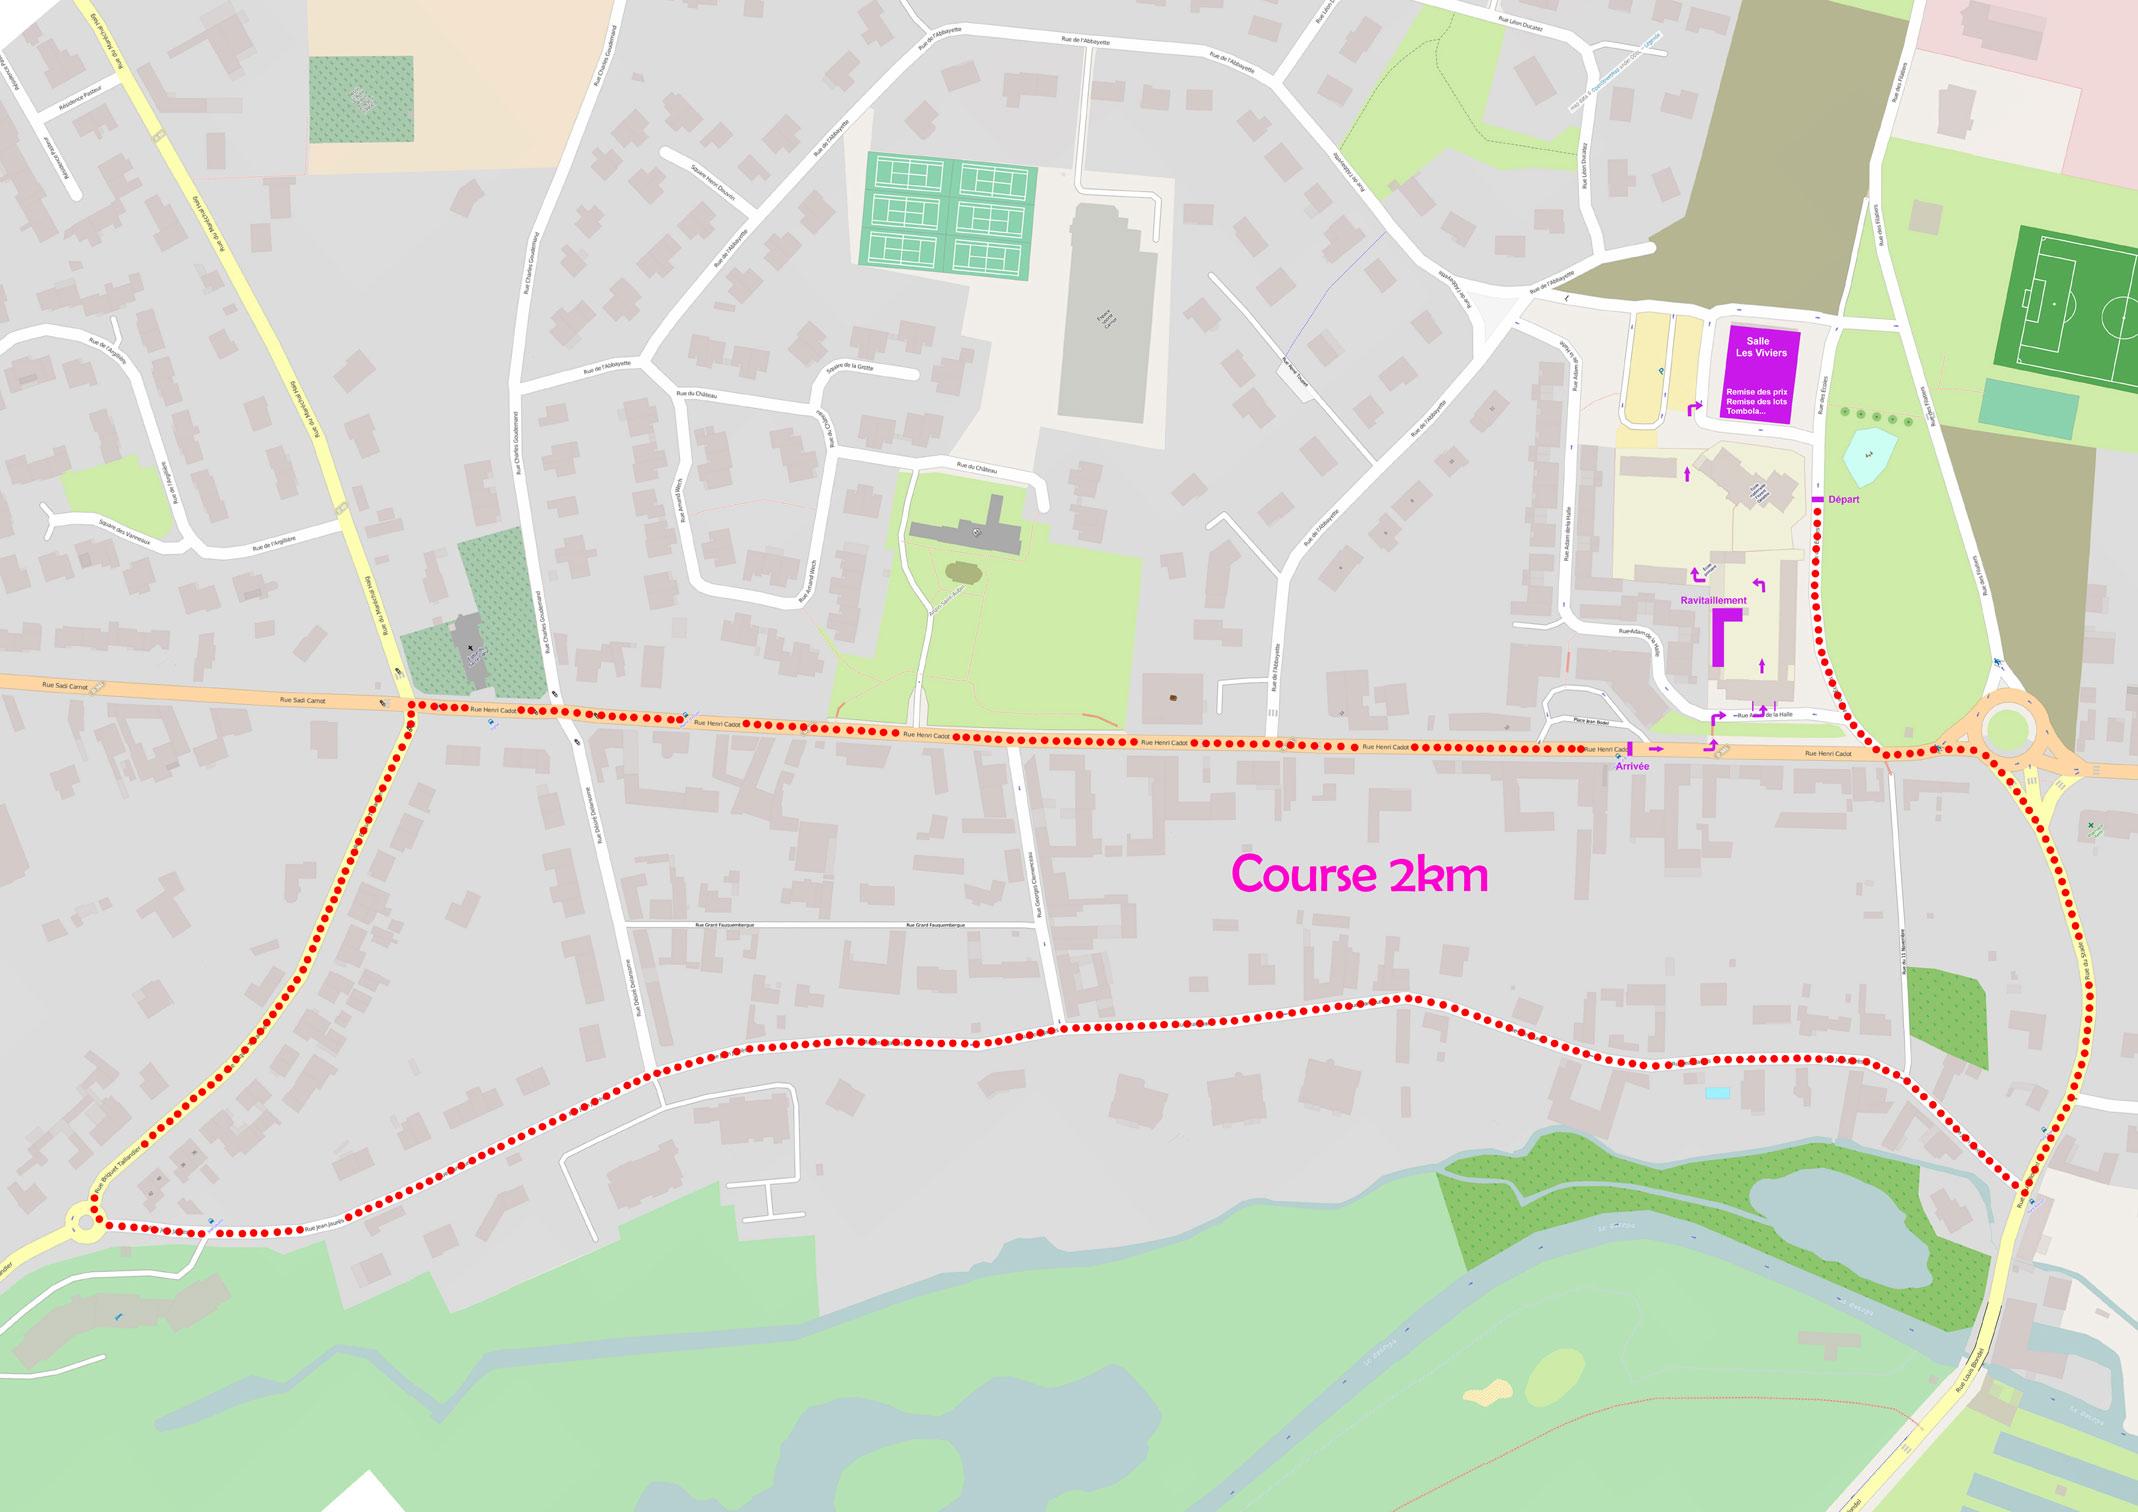 parcours-2km-a4-web